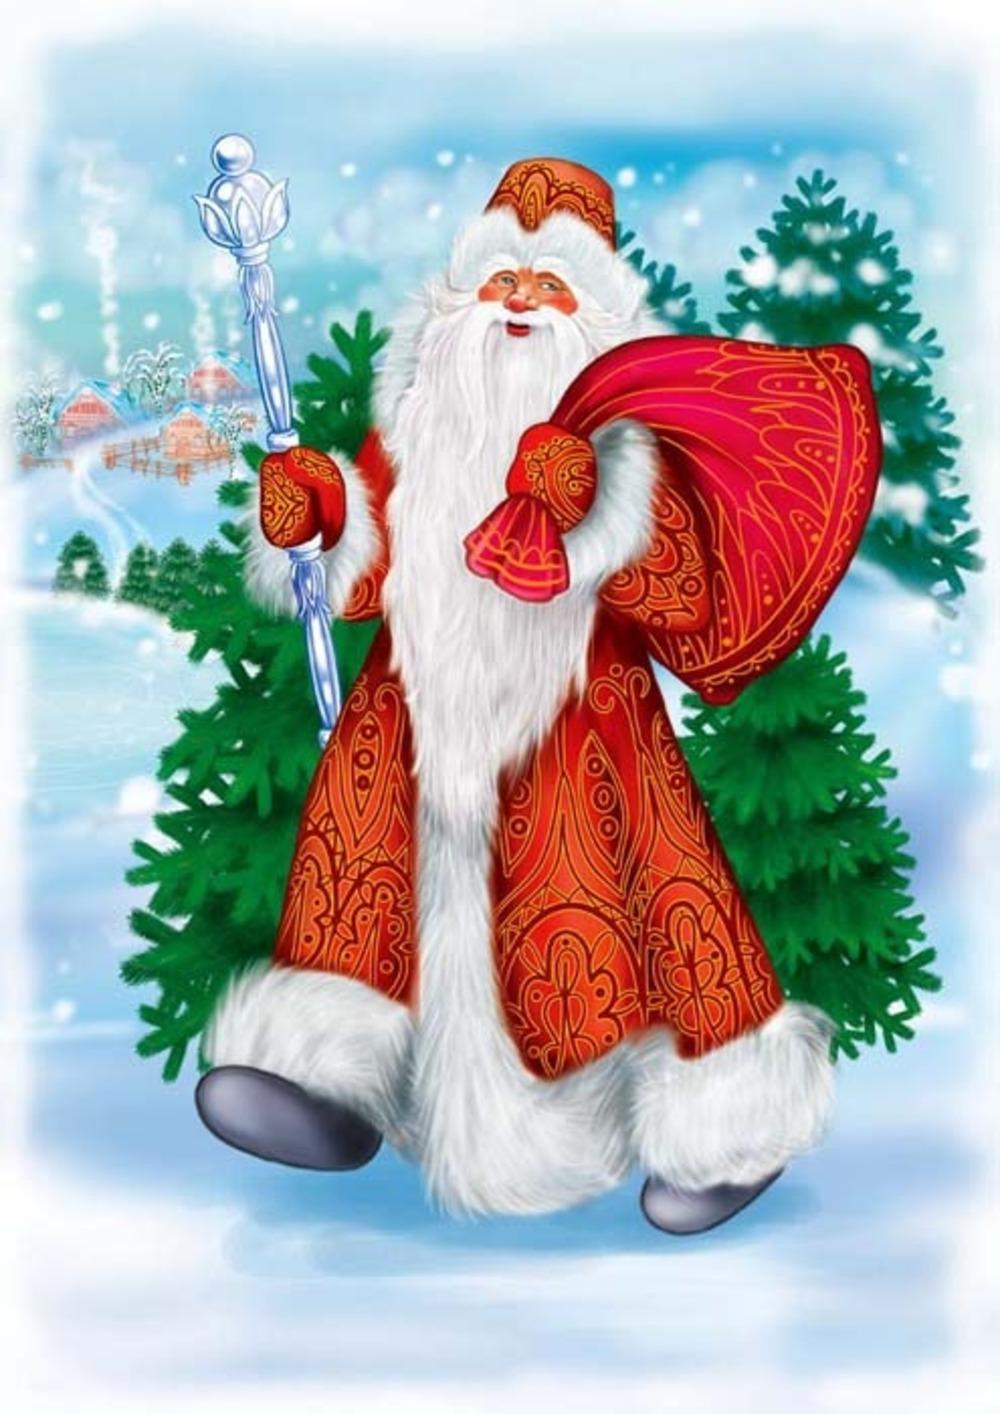 Картинки на новый год деда мороза